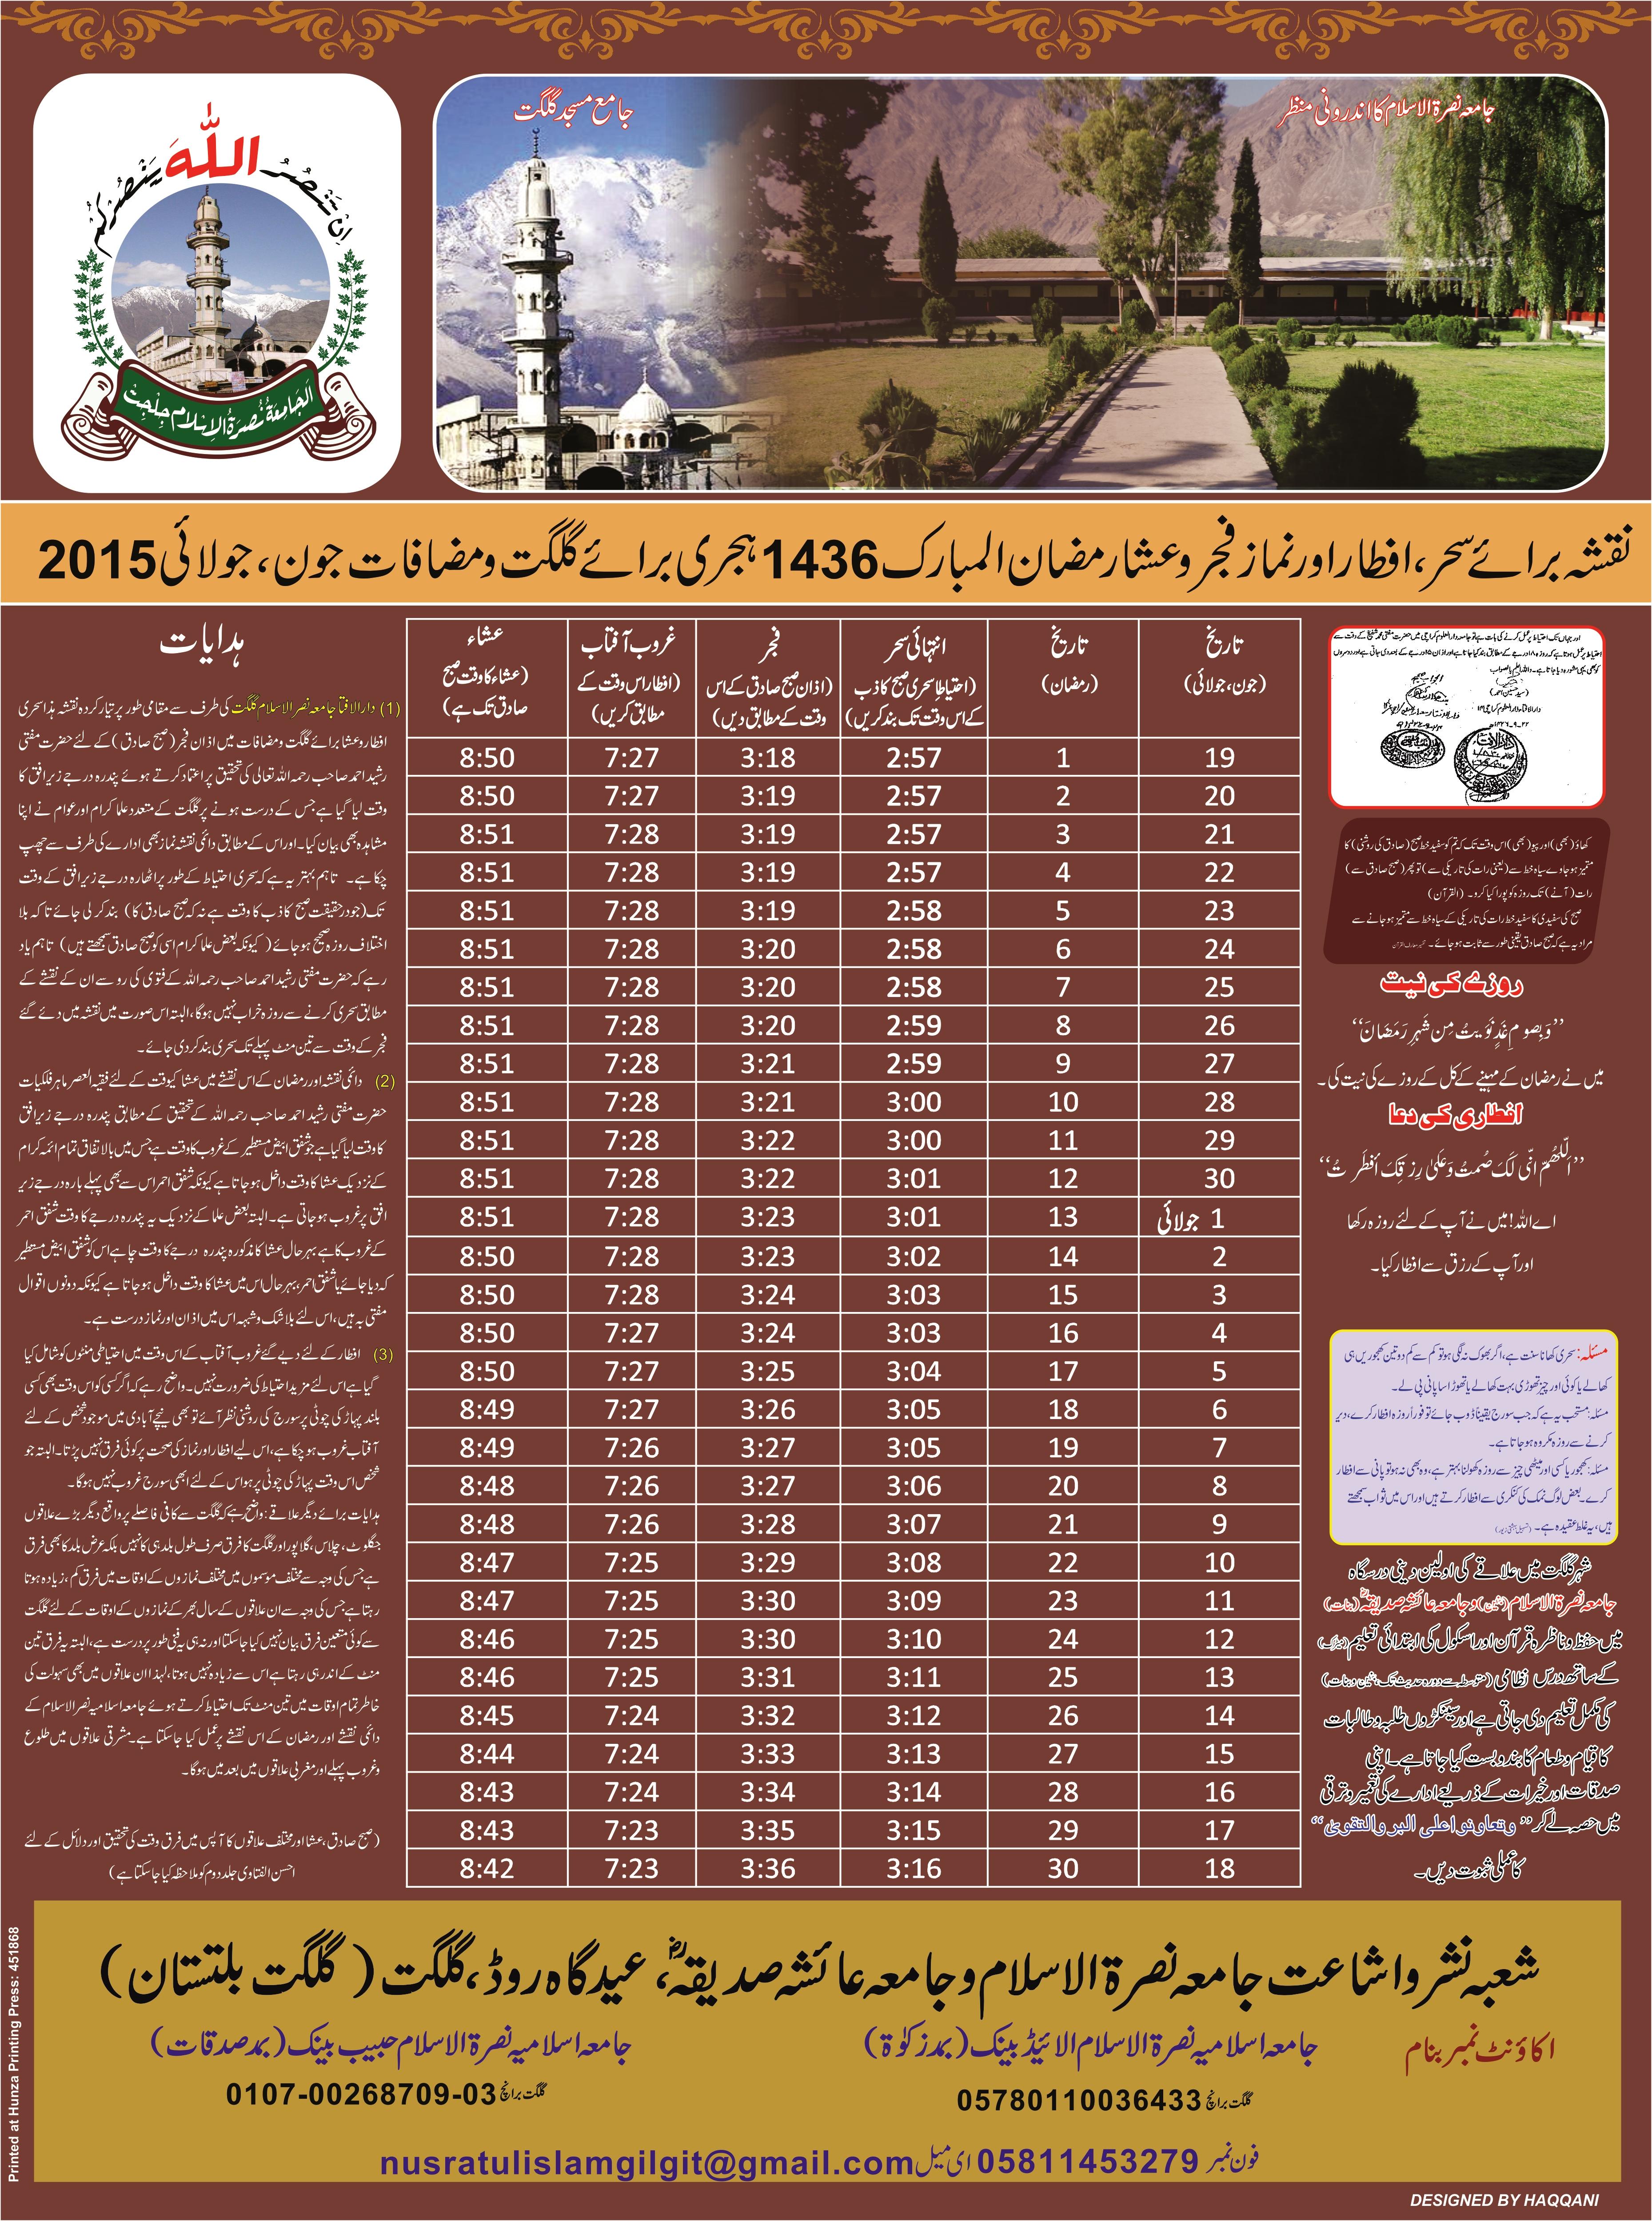 جامعہ نصرۃ الاسلام نے رمضان المبارک کا کلینڈر جاری کر دیا